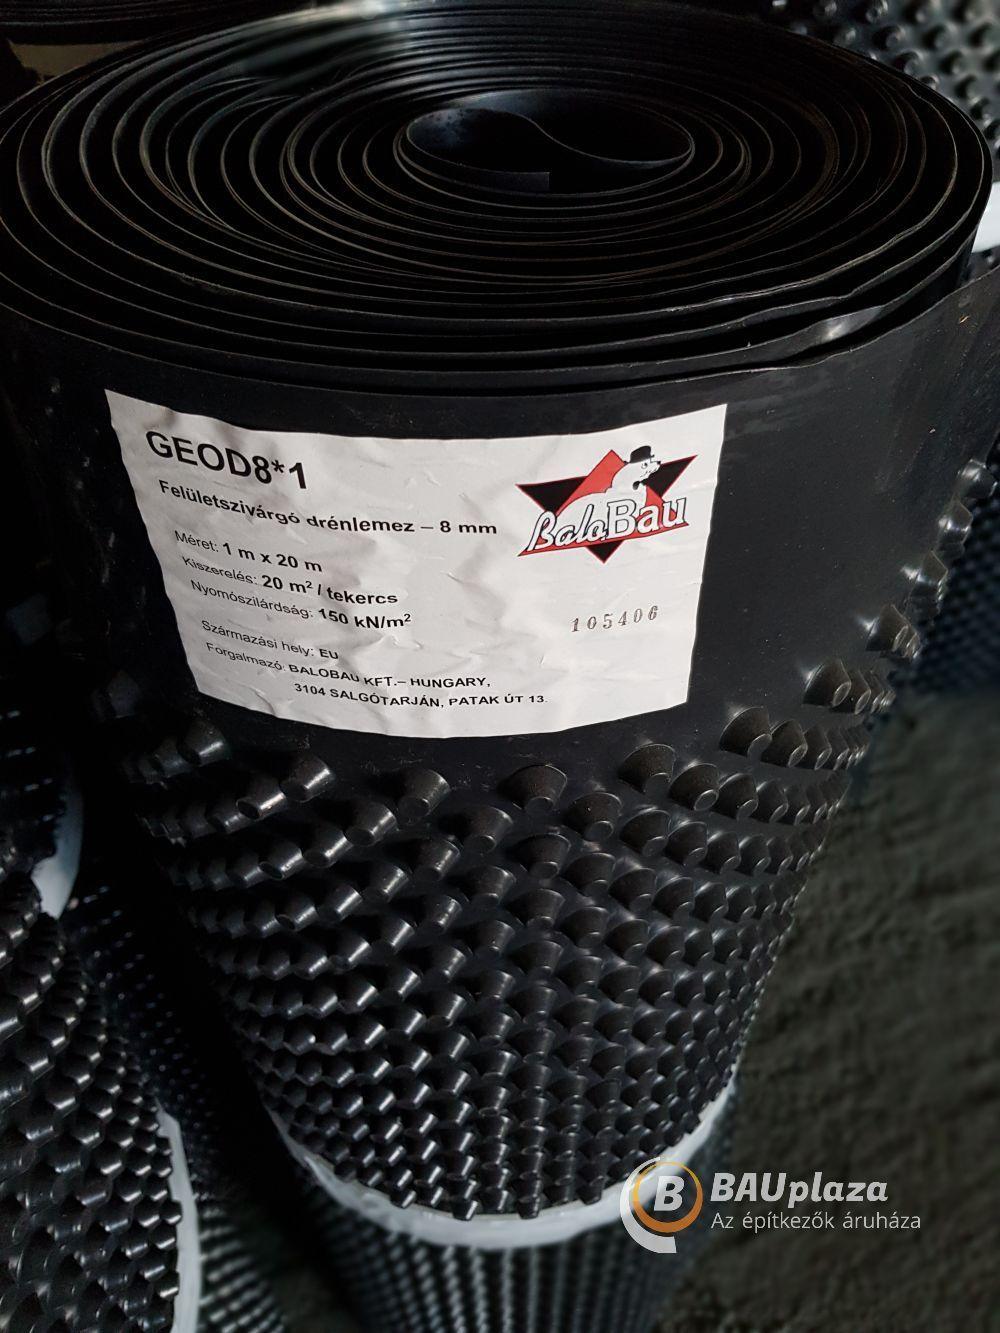 Felületszivárgó lemez 8 mm 1x20m 20 m2/tek. 400g/m2 (drénlemez) BAUplaza Kft.